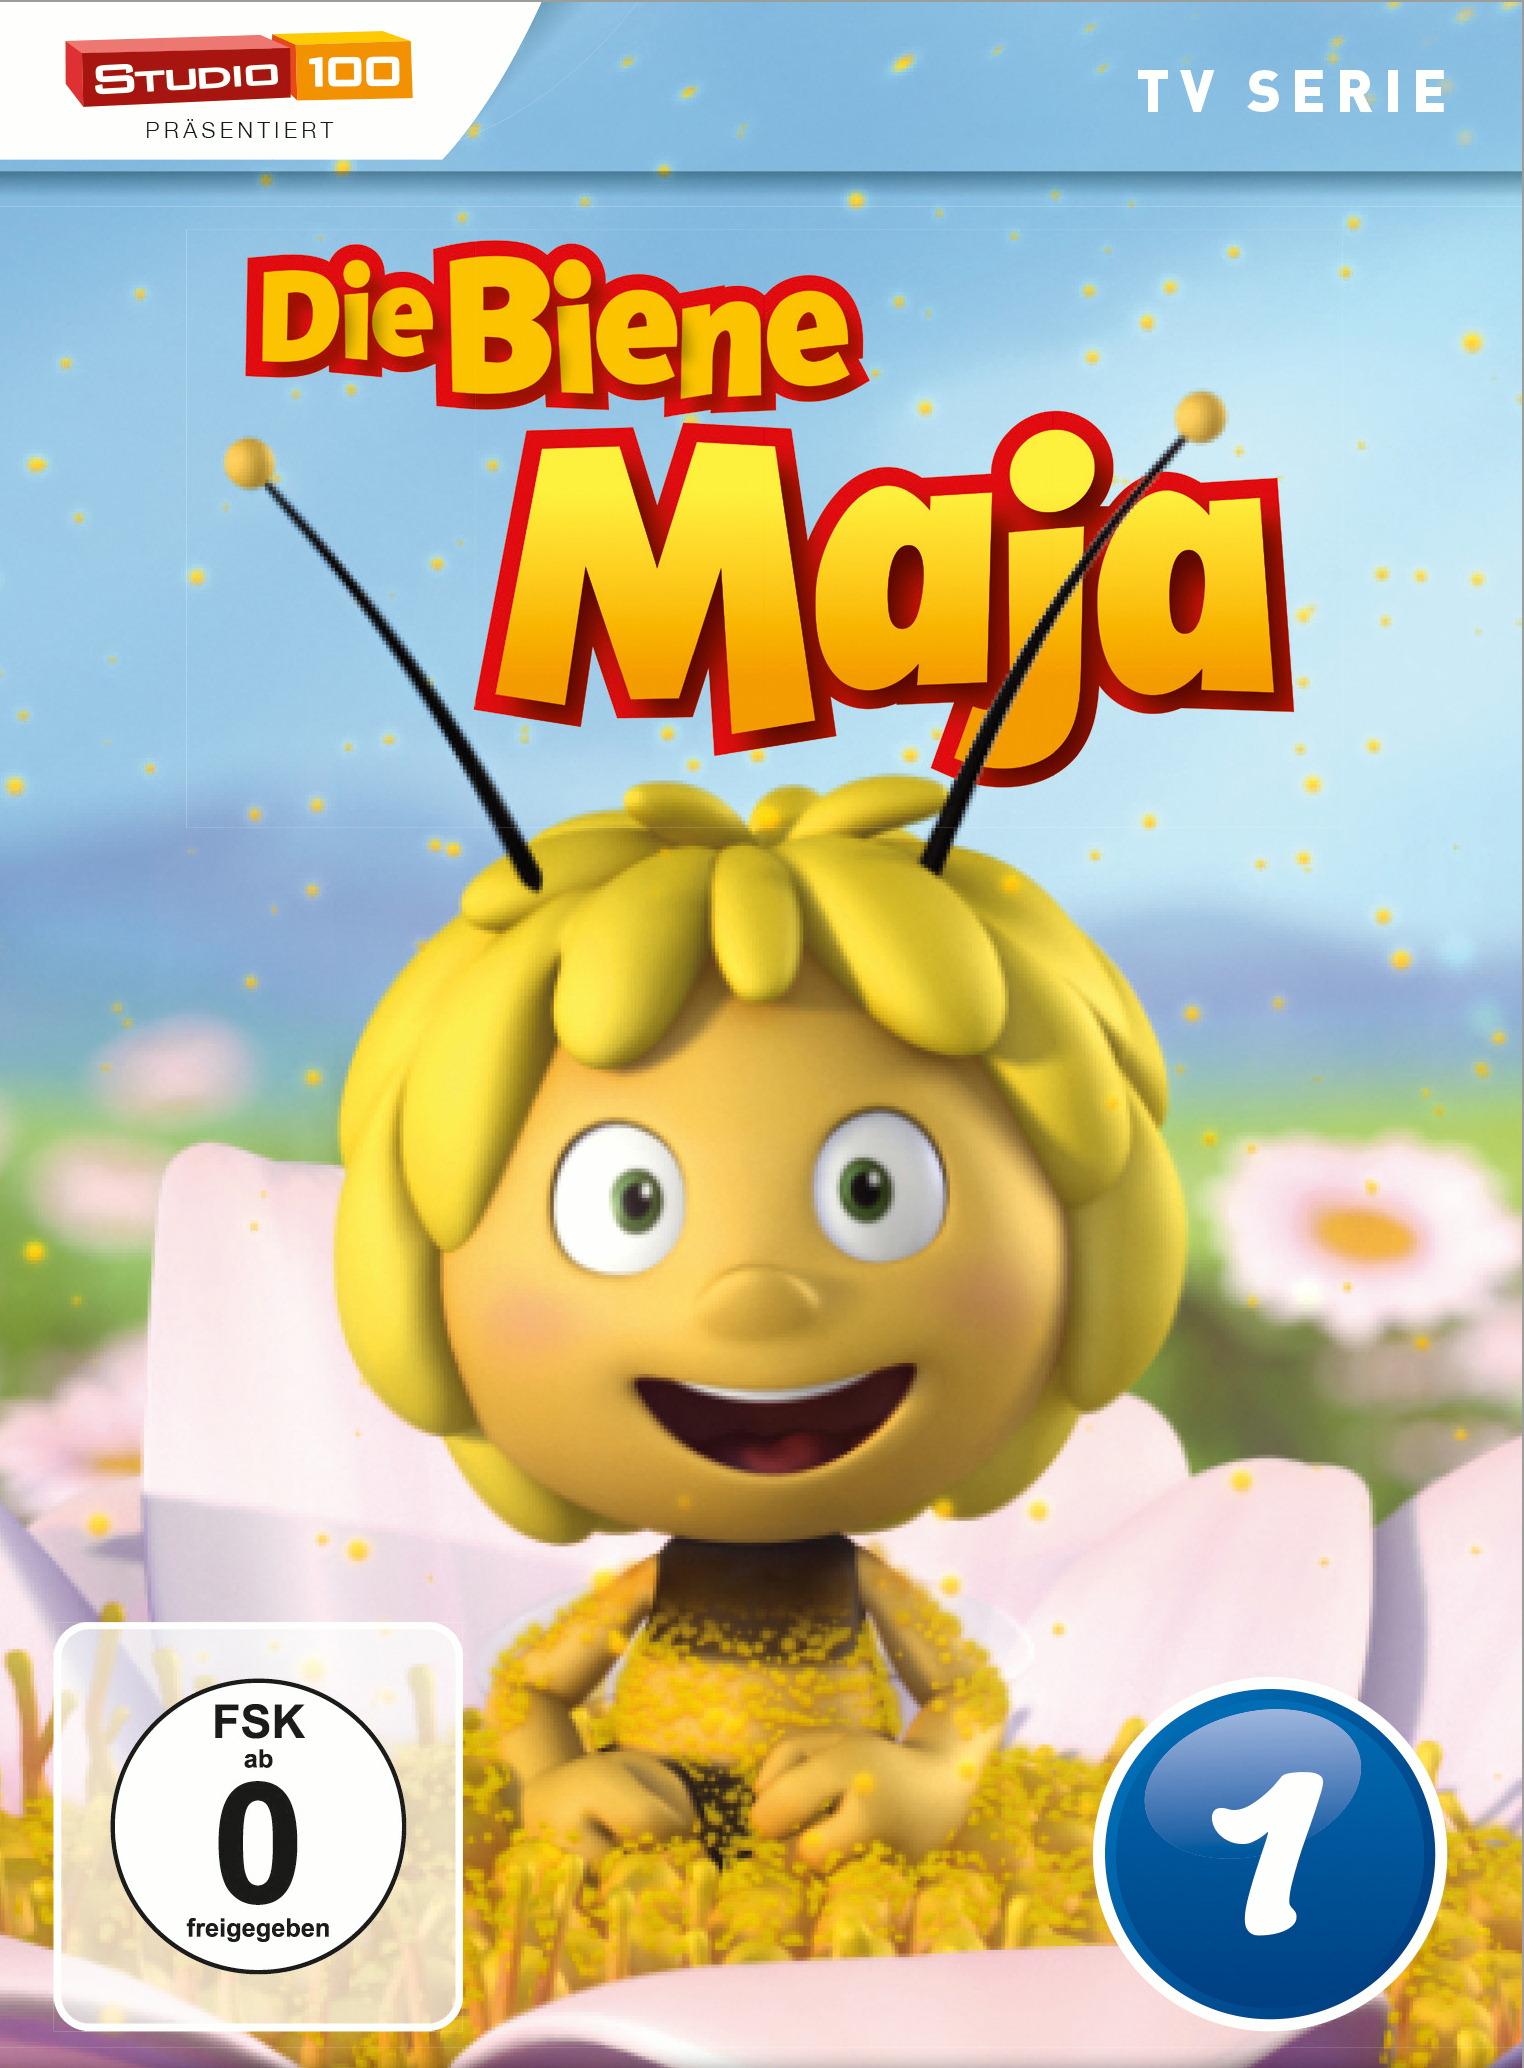 Die Biene Maja - DVD 01 Poster